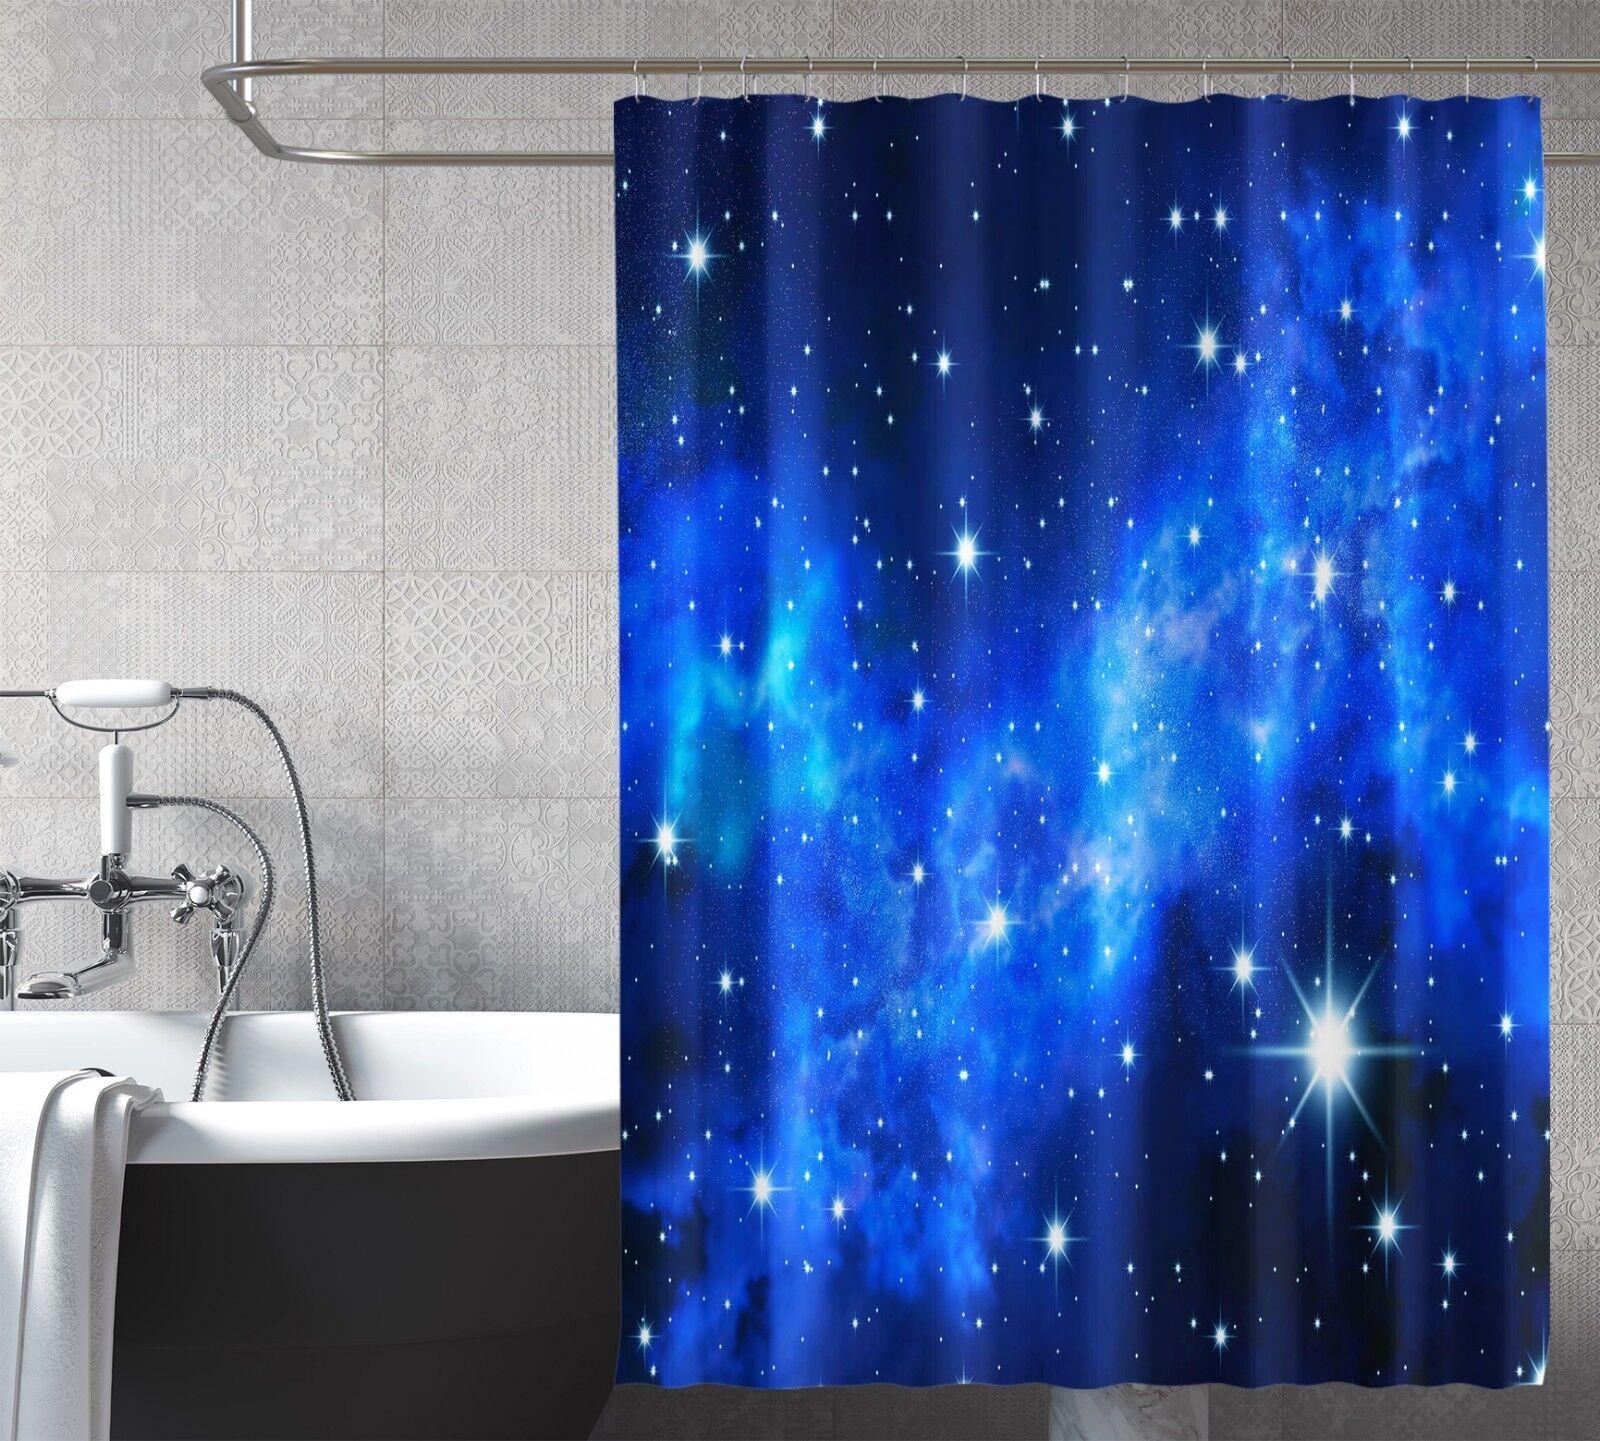 3D Sternenhimmel 70 Duschvorhang Wasserdicht Faser Bad Daheim Windows Toilette | Sonderaktionen zum Jahresende  | Outlet